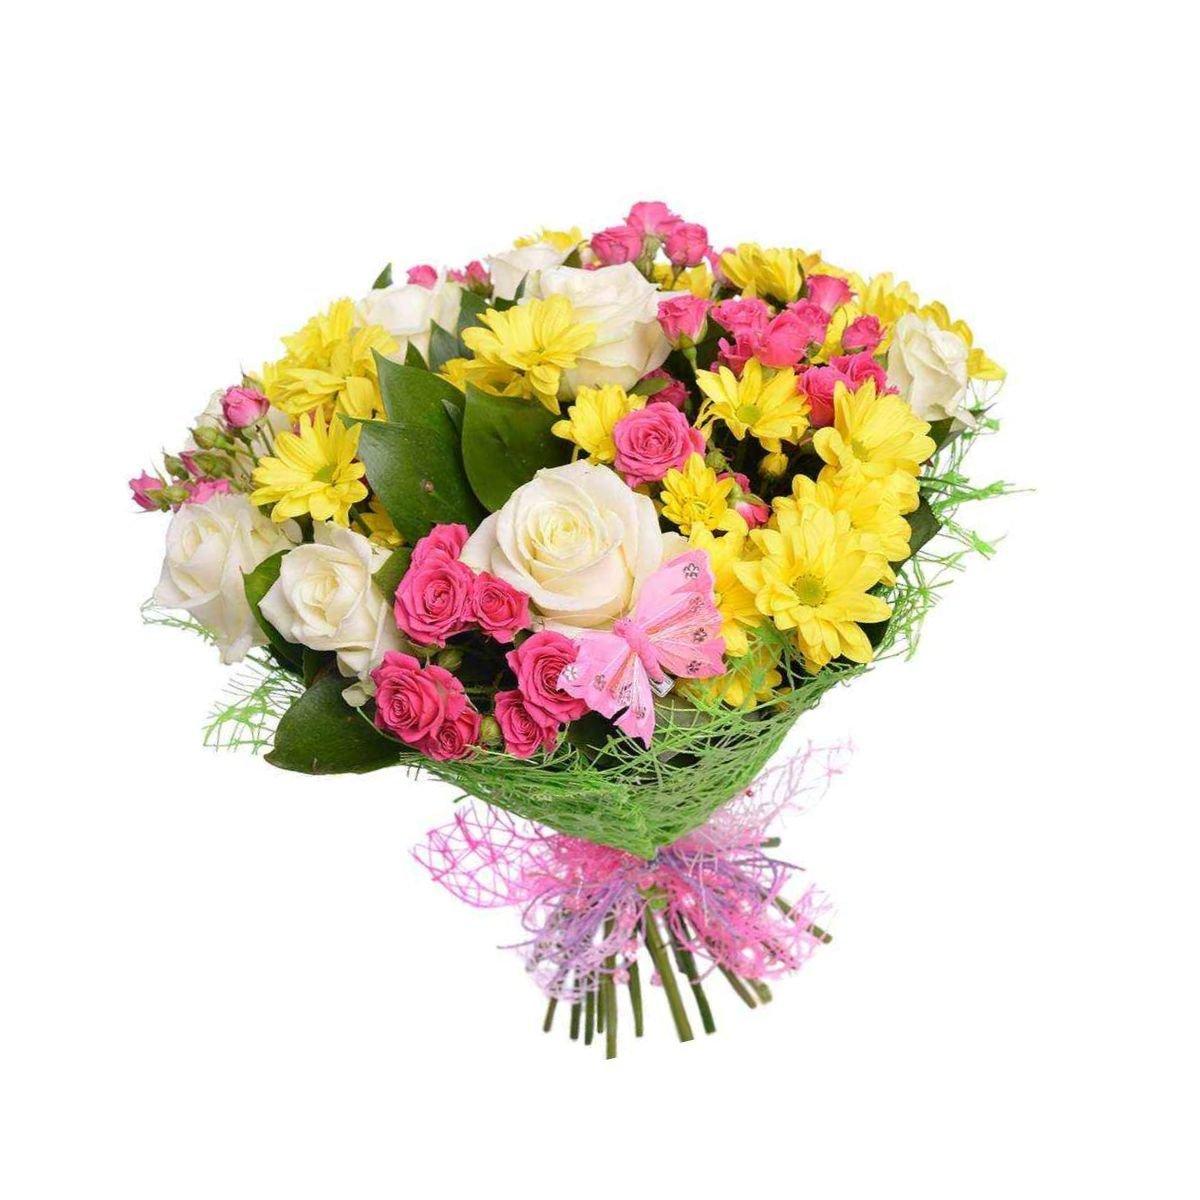 Коллекция букеты из роз и хризантем, невесты недорого